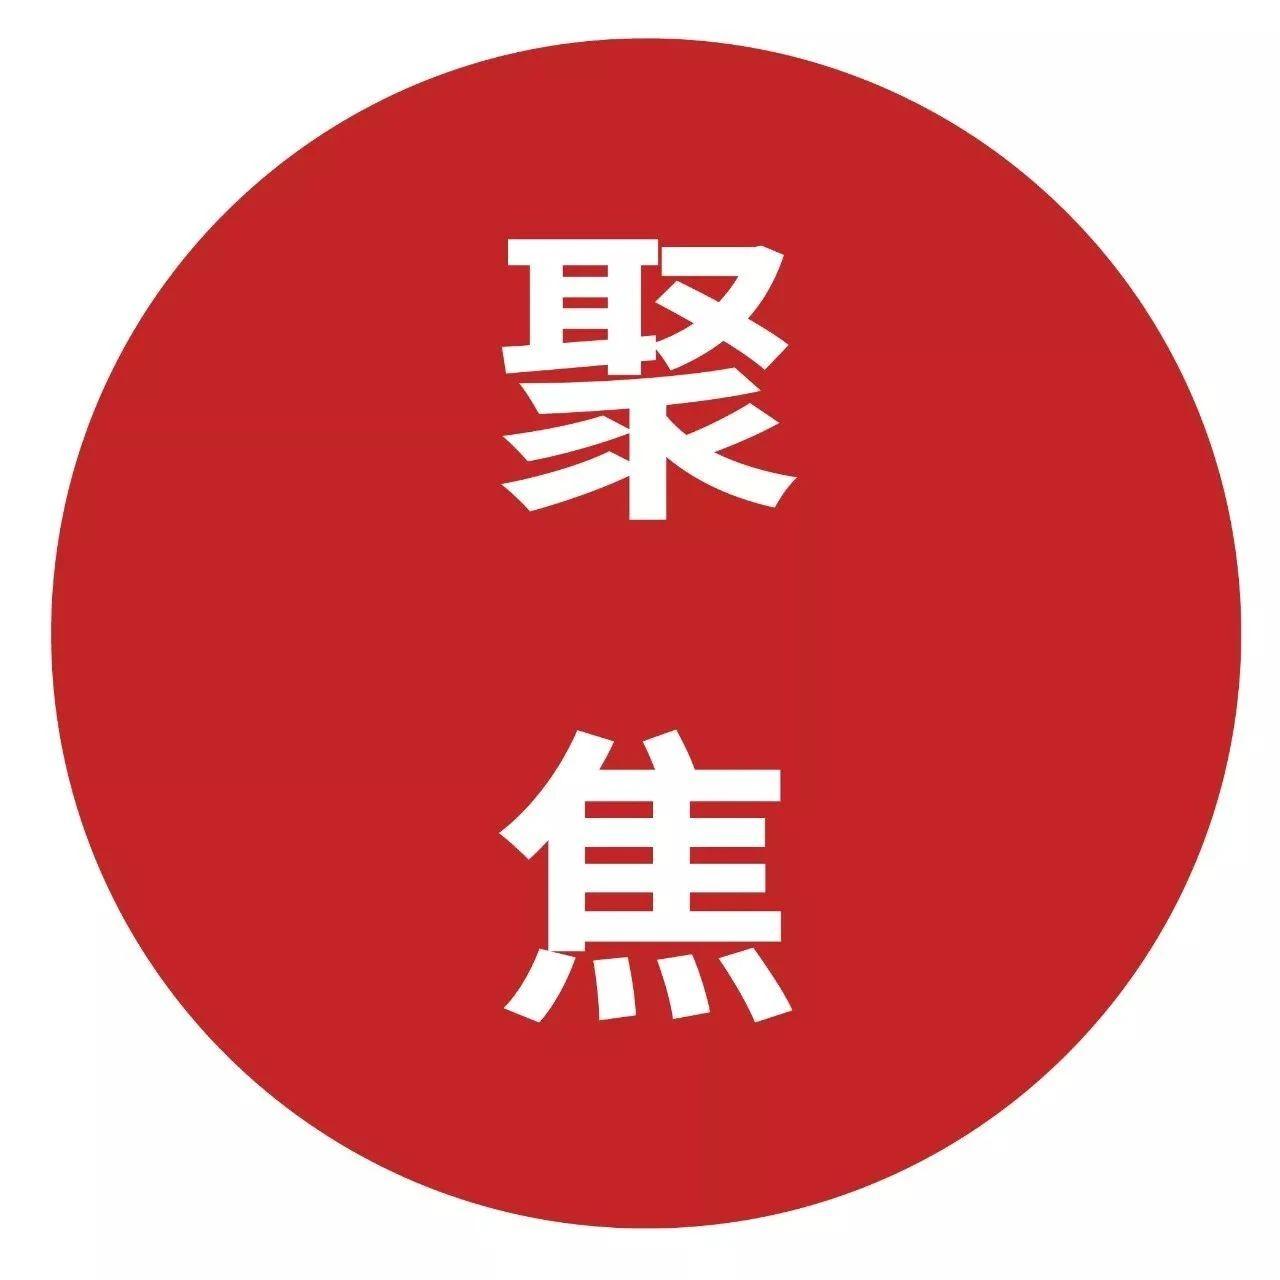 央行上海总部:下半年持续做好P2P网贷等互联网金融风险监测处置